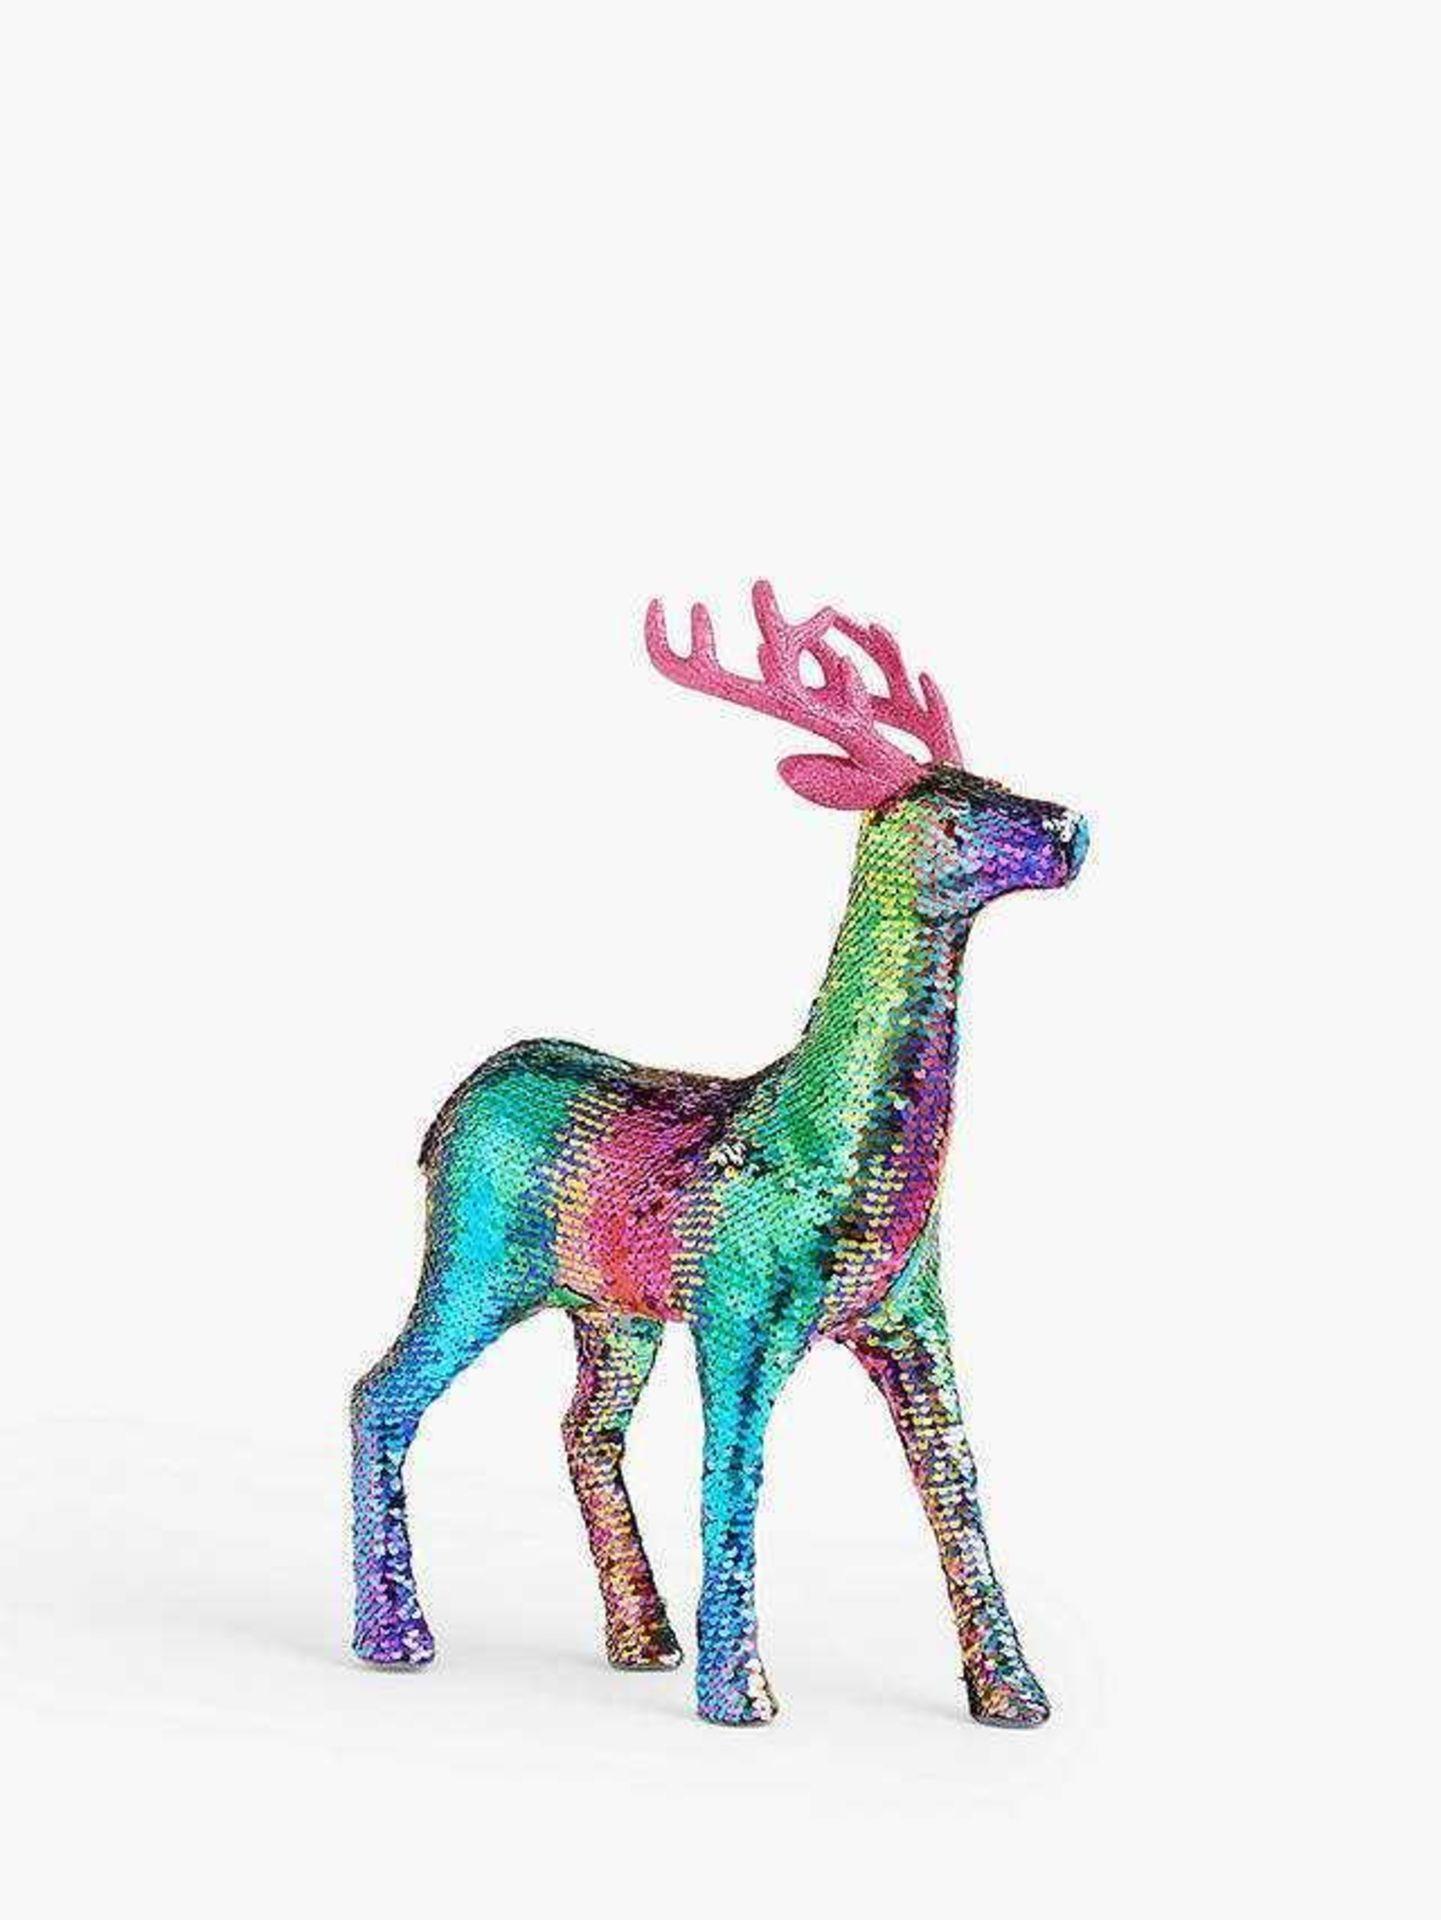 RRP £40 Boxed John Lewis Pop Art Rainbow Sequin Deer Figure